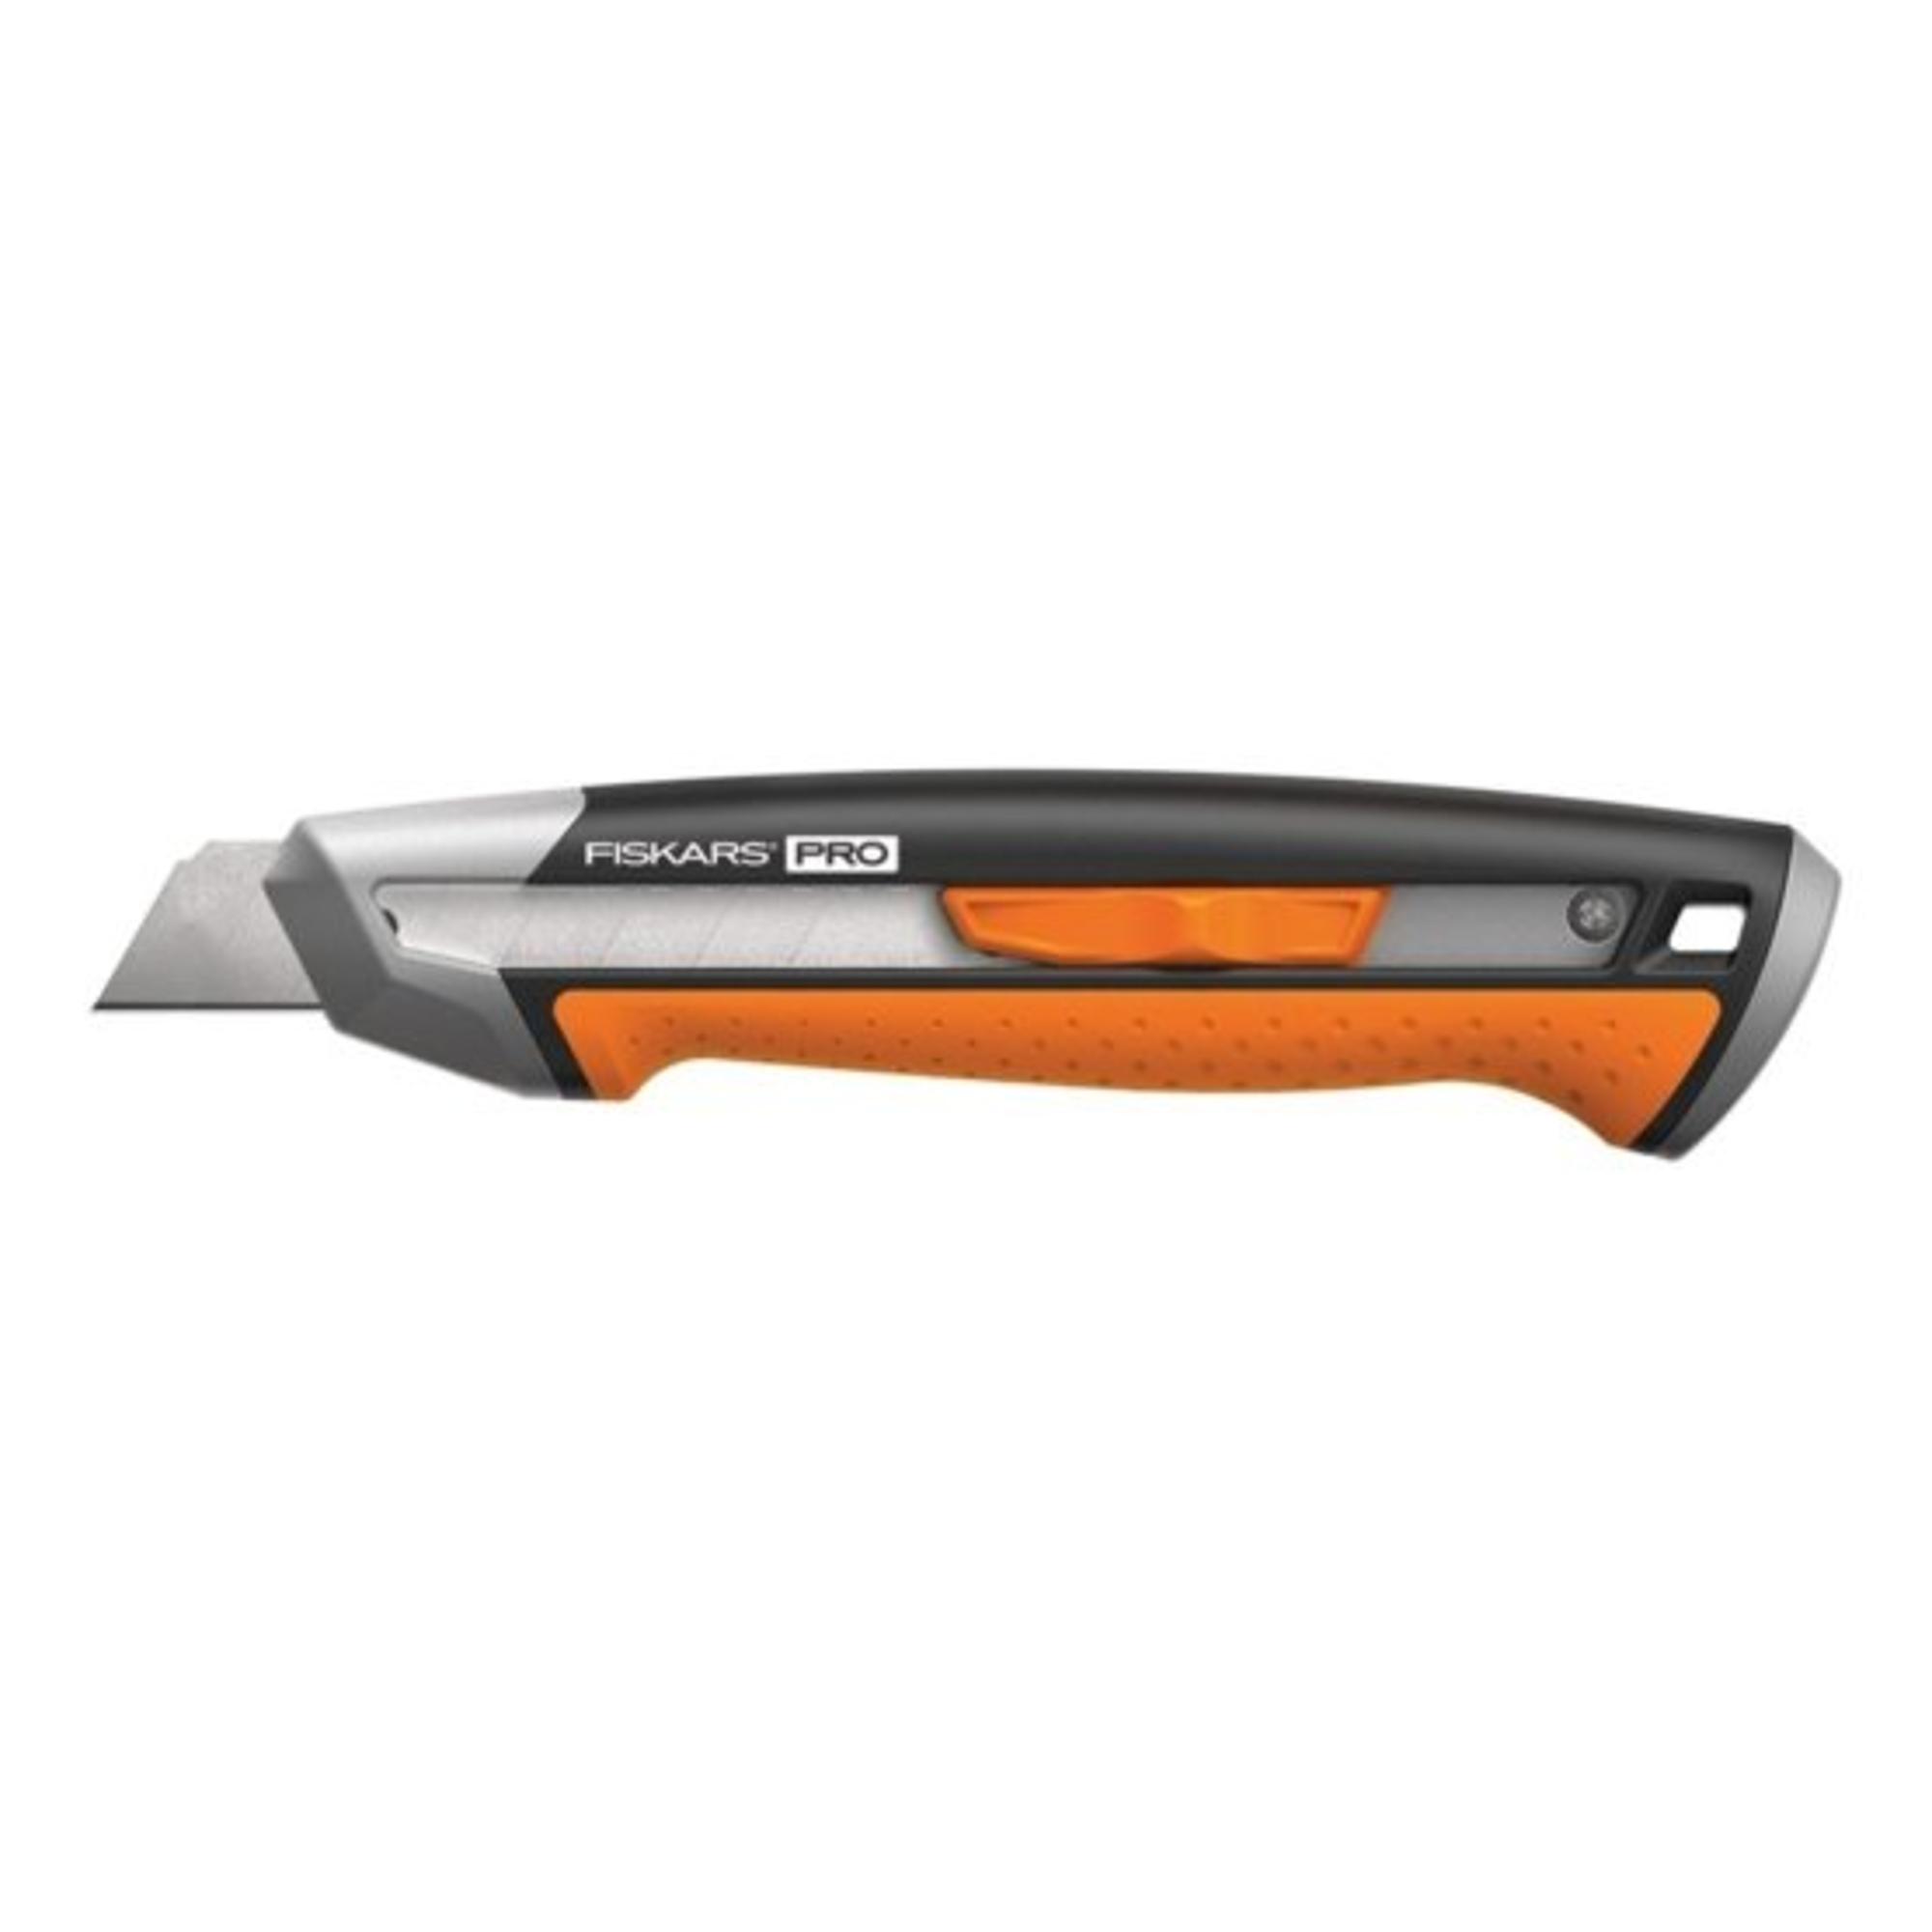 Fiskars CarbonMax™ Snap-off pengekés, 18 mm - 1027227